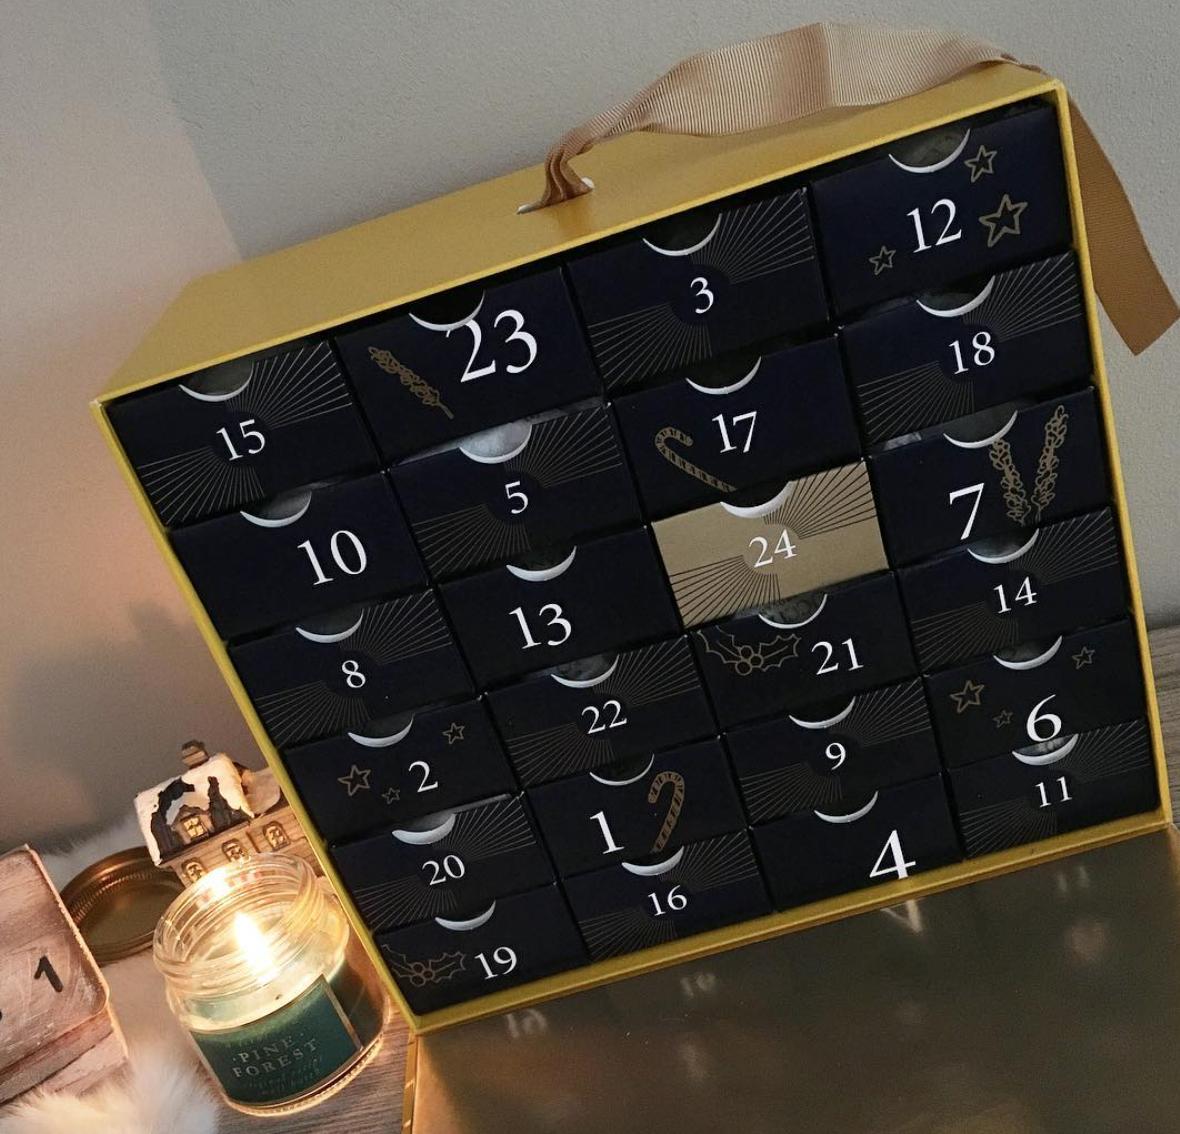 L'Occitane Premium Adventkalender